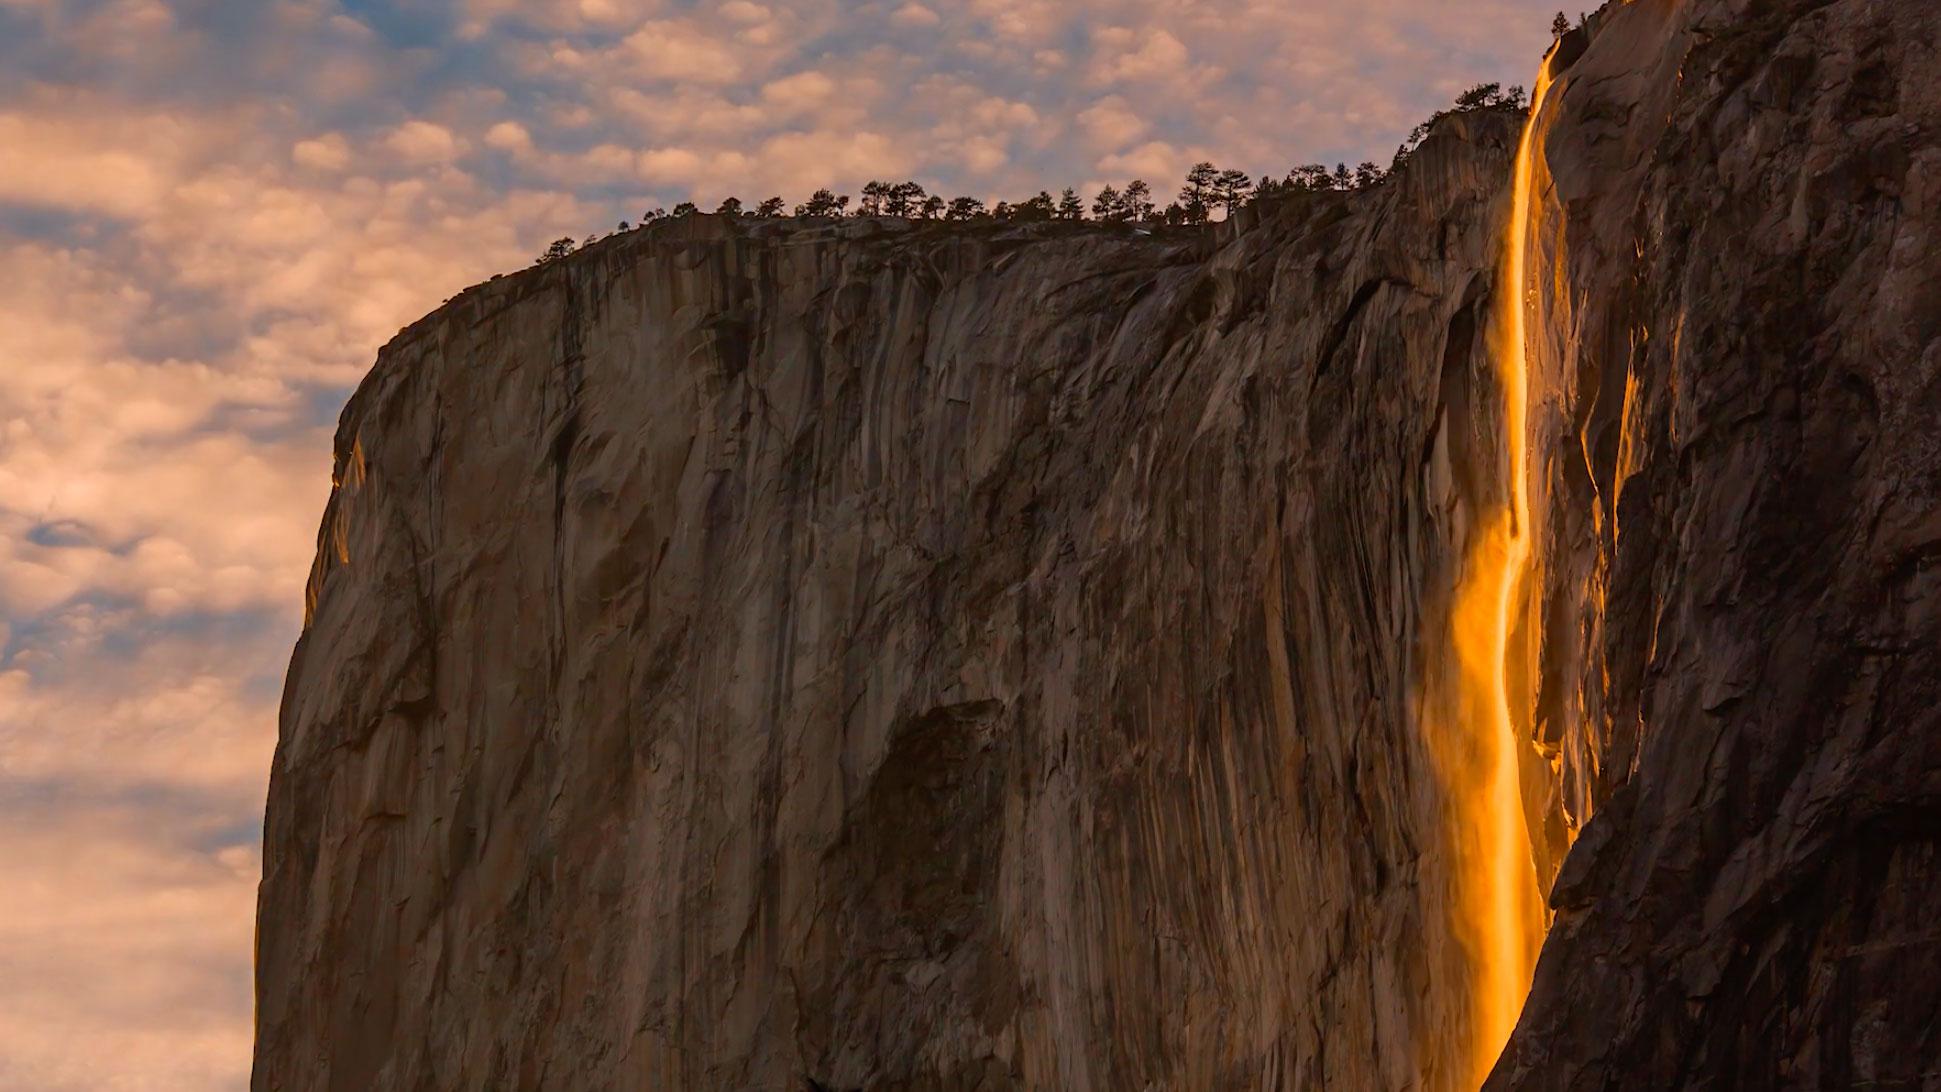 Klettersteig Yosemite : Kletterer bei absturz im yosemite nationalpark tödl